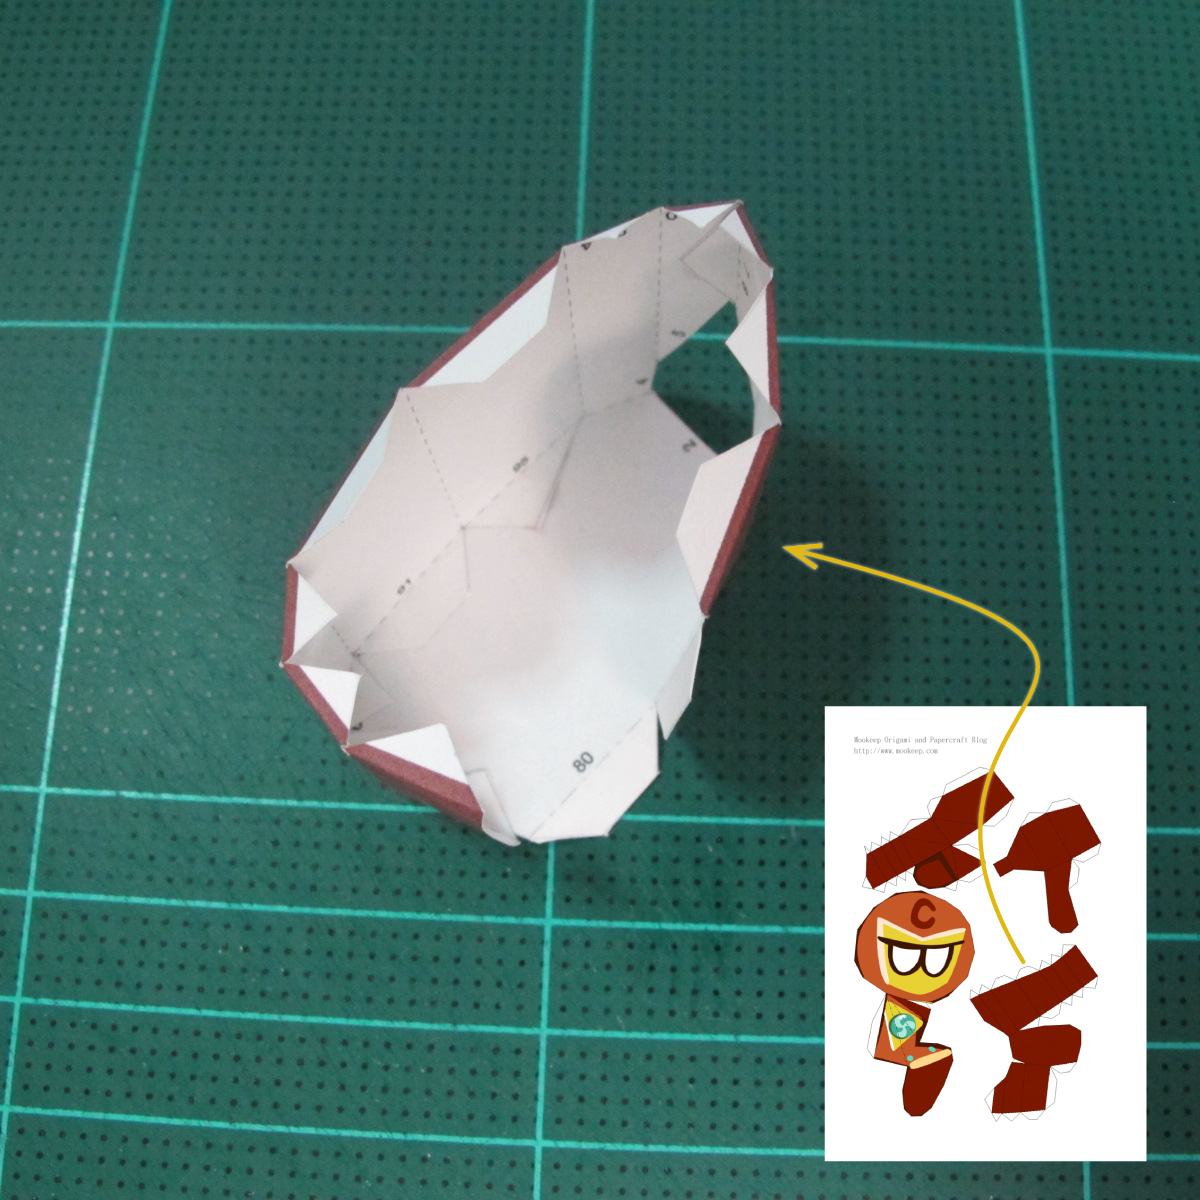 วิธีทำโมเดลกระดาษตุ้กตาคุกกี้รัน คุกกี้รสฮีโร่ (LINE Cookie Run Hero Cookie Papercraft Model) 014